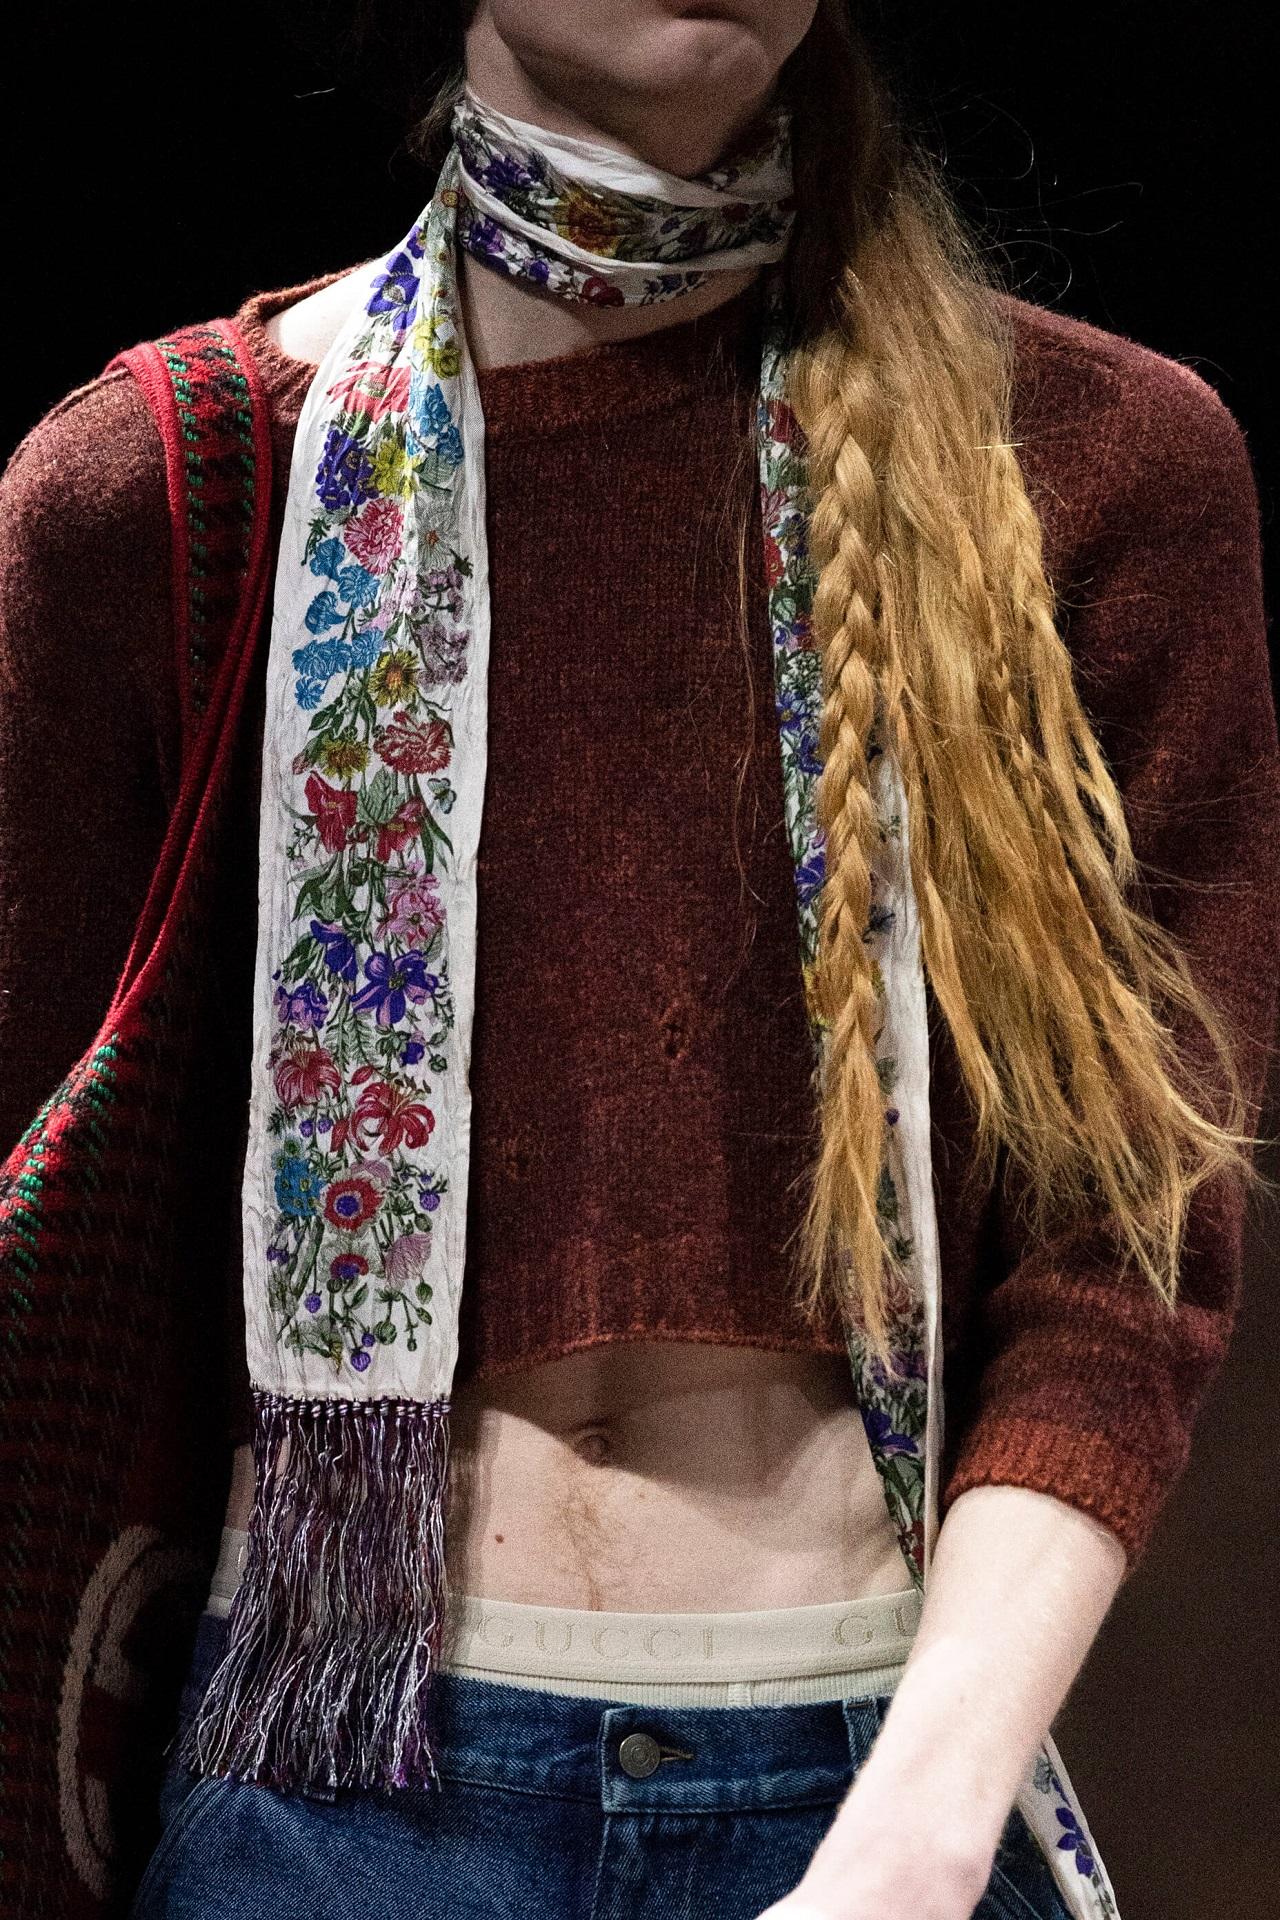 Анна на шее: 8 самых модных вариаций шарфов сезона осень-зима 2020/21-Фото 2